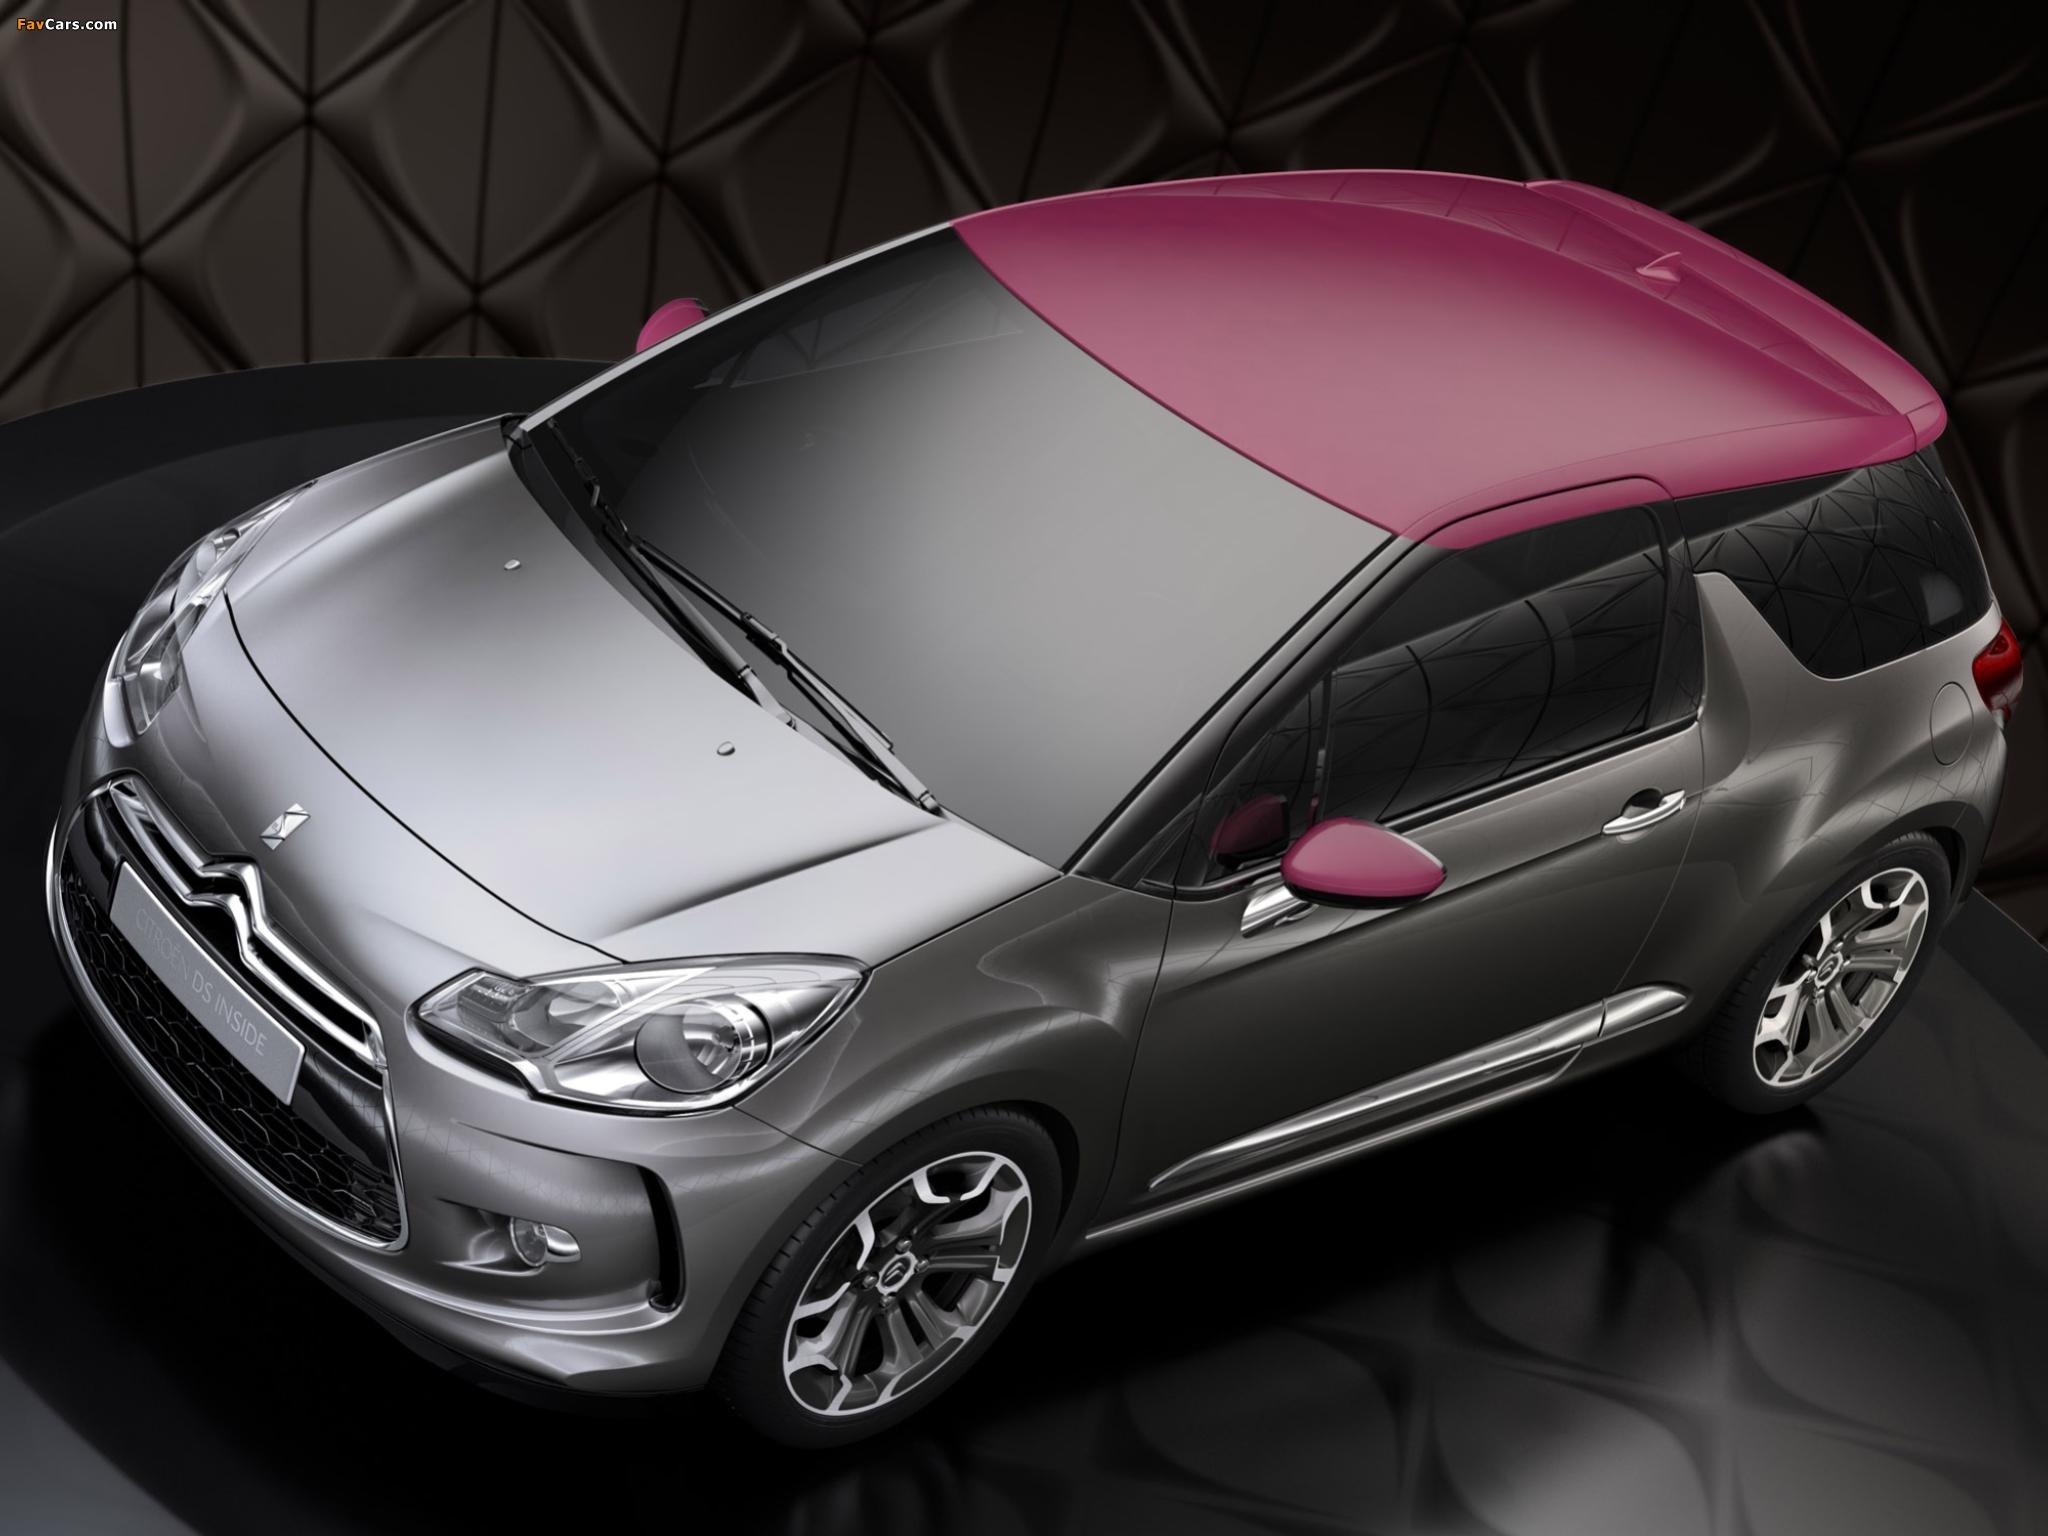 Citroën DS Inside Concept 2009 pictures (2048 x 1536)